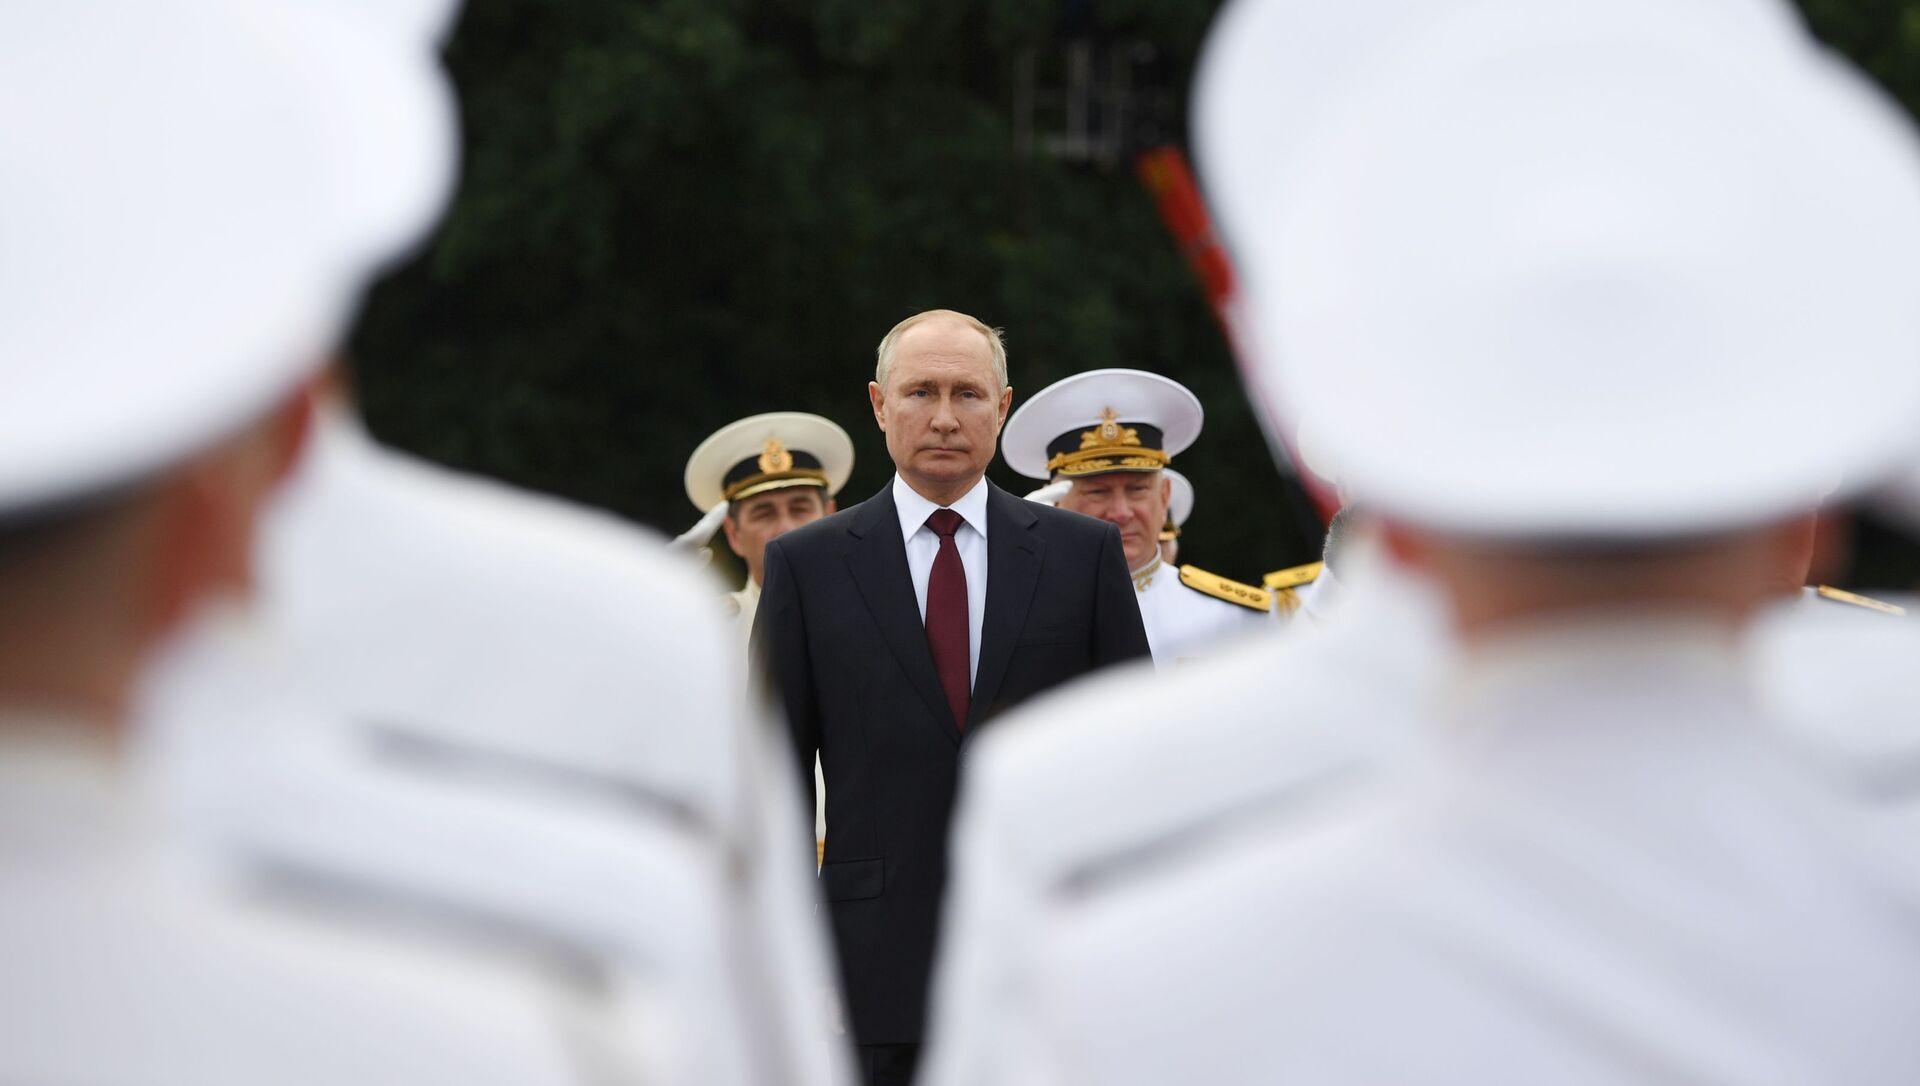 Président russe Vladimir Poutine à la parade militaire, Saint-Pétersbourg, 25 juillet 2021  - Sputnik France, 1920, 25.07.2021